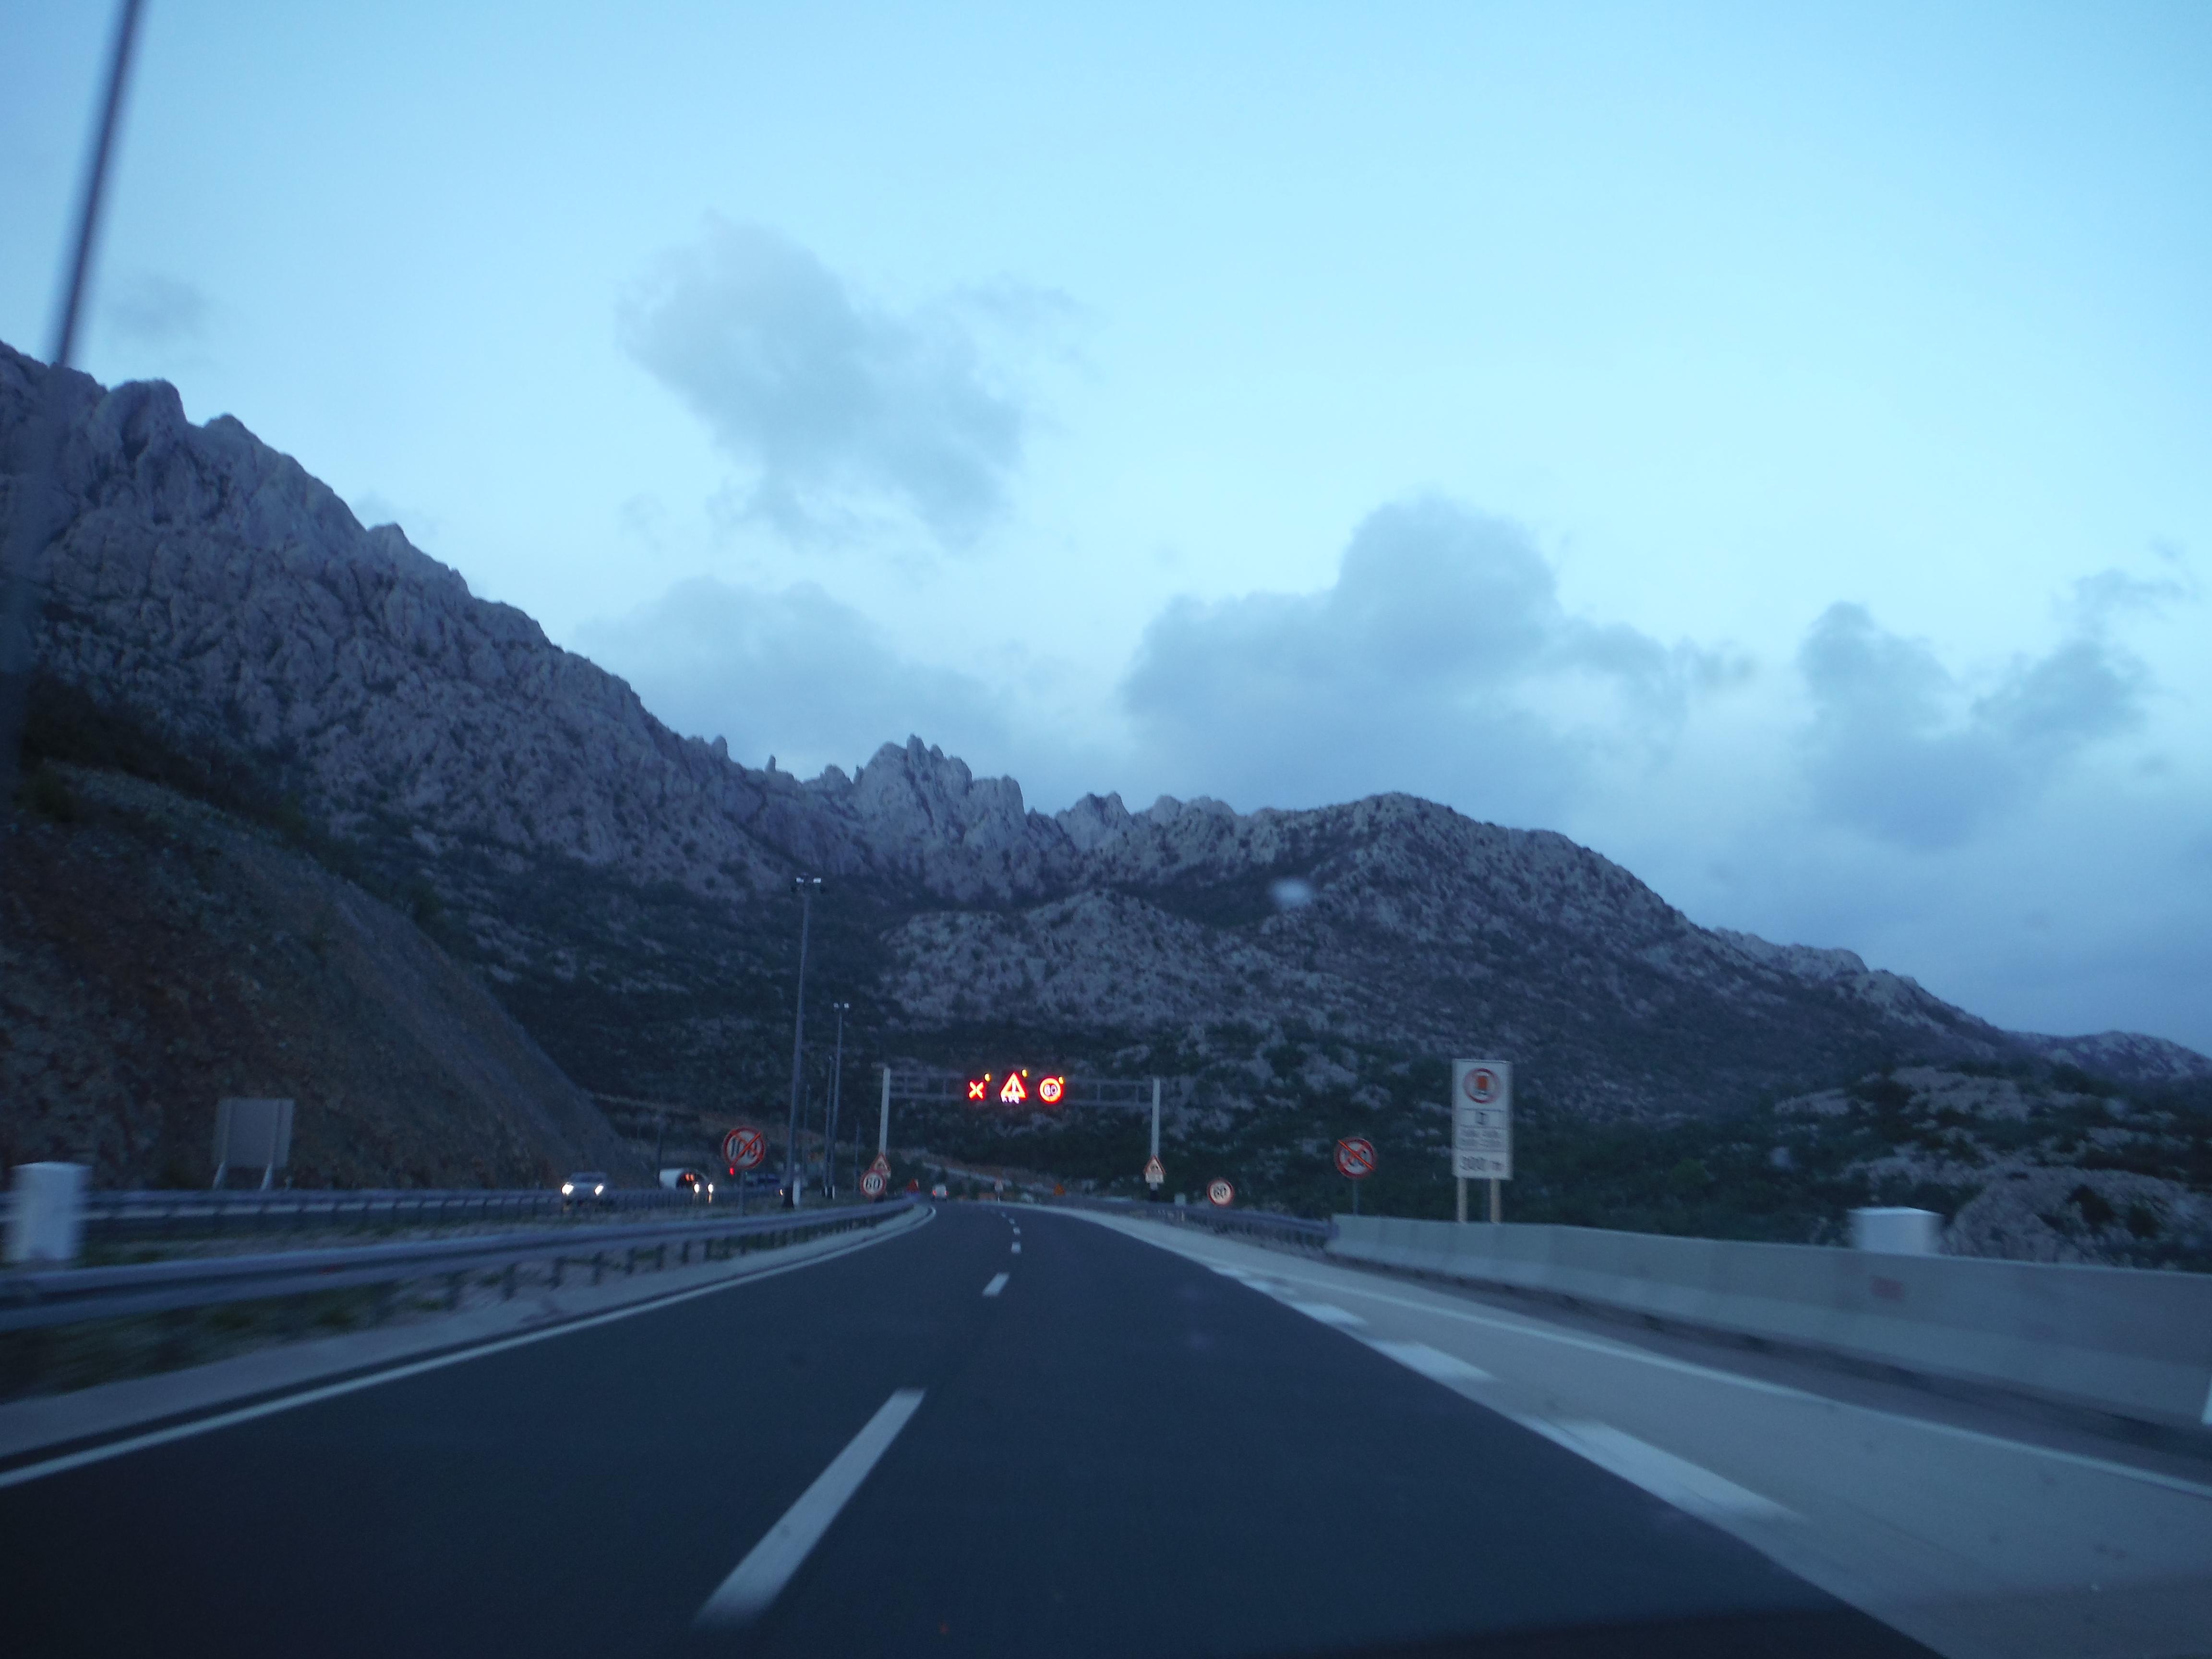 croatian highway